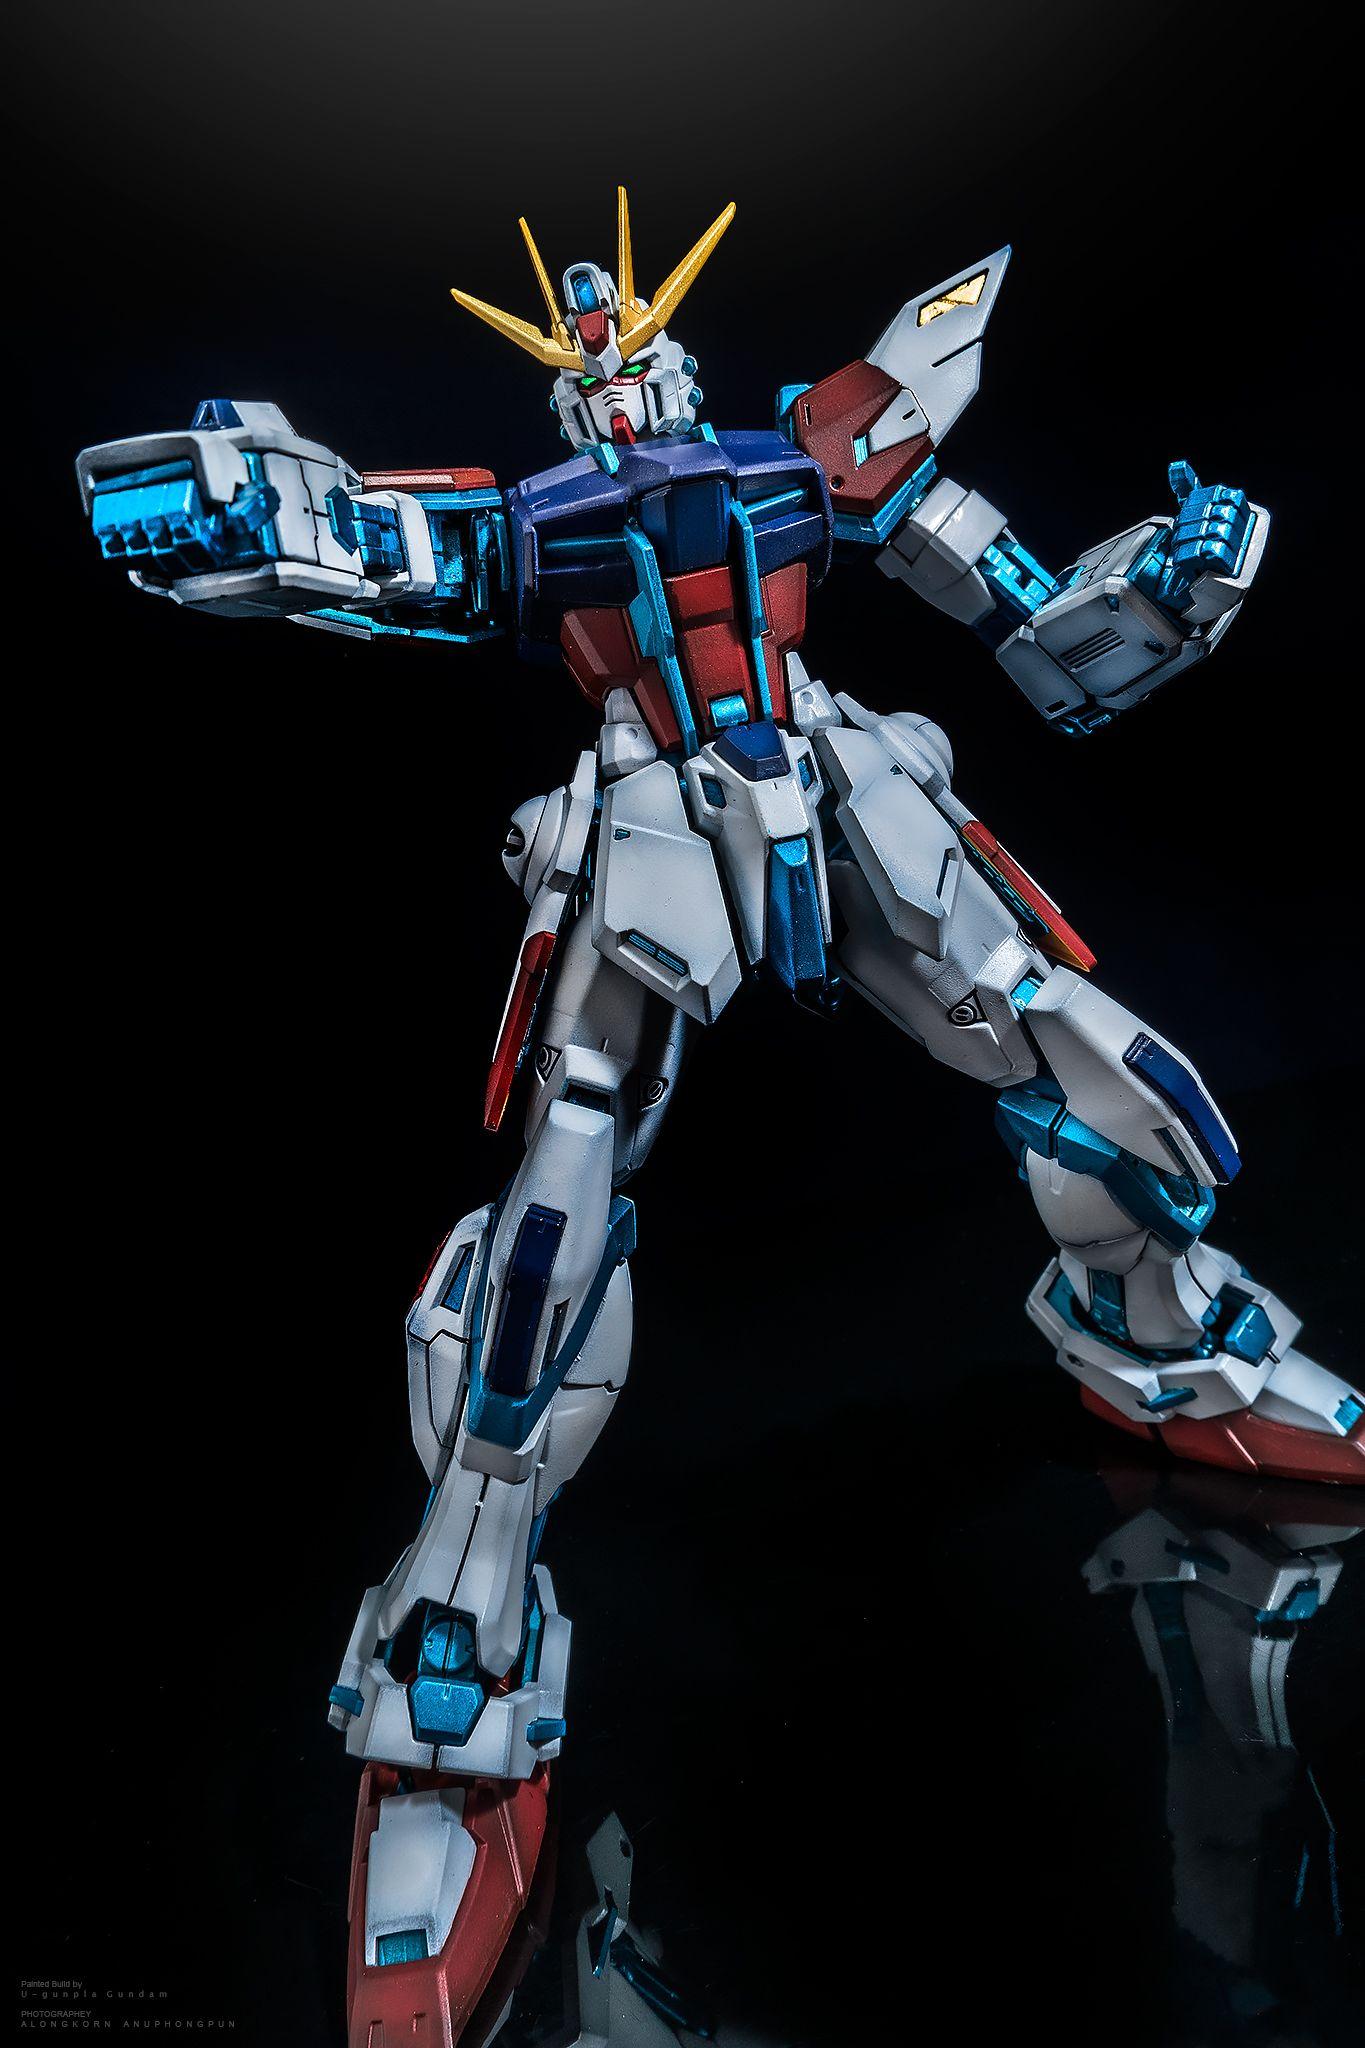 star build strike gundam ガンダム, ガンプラ